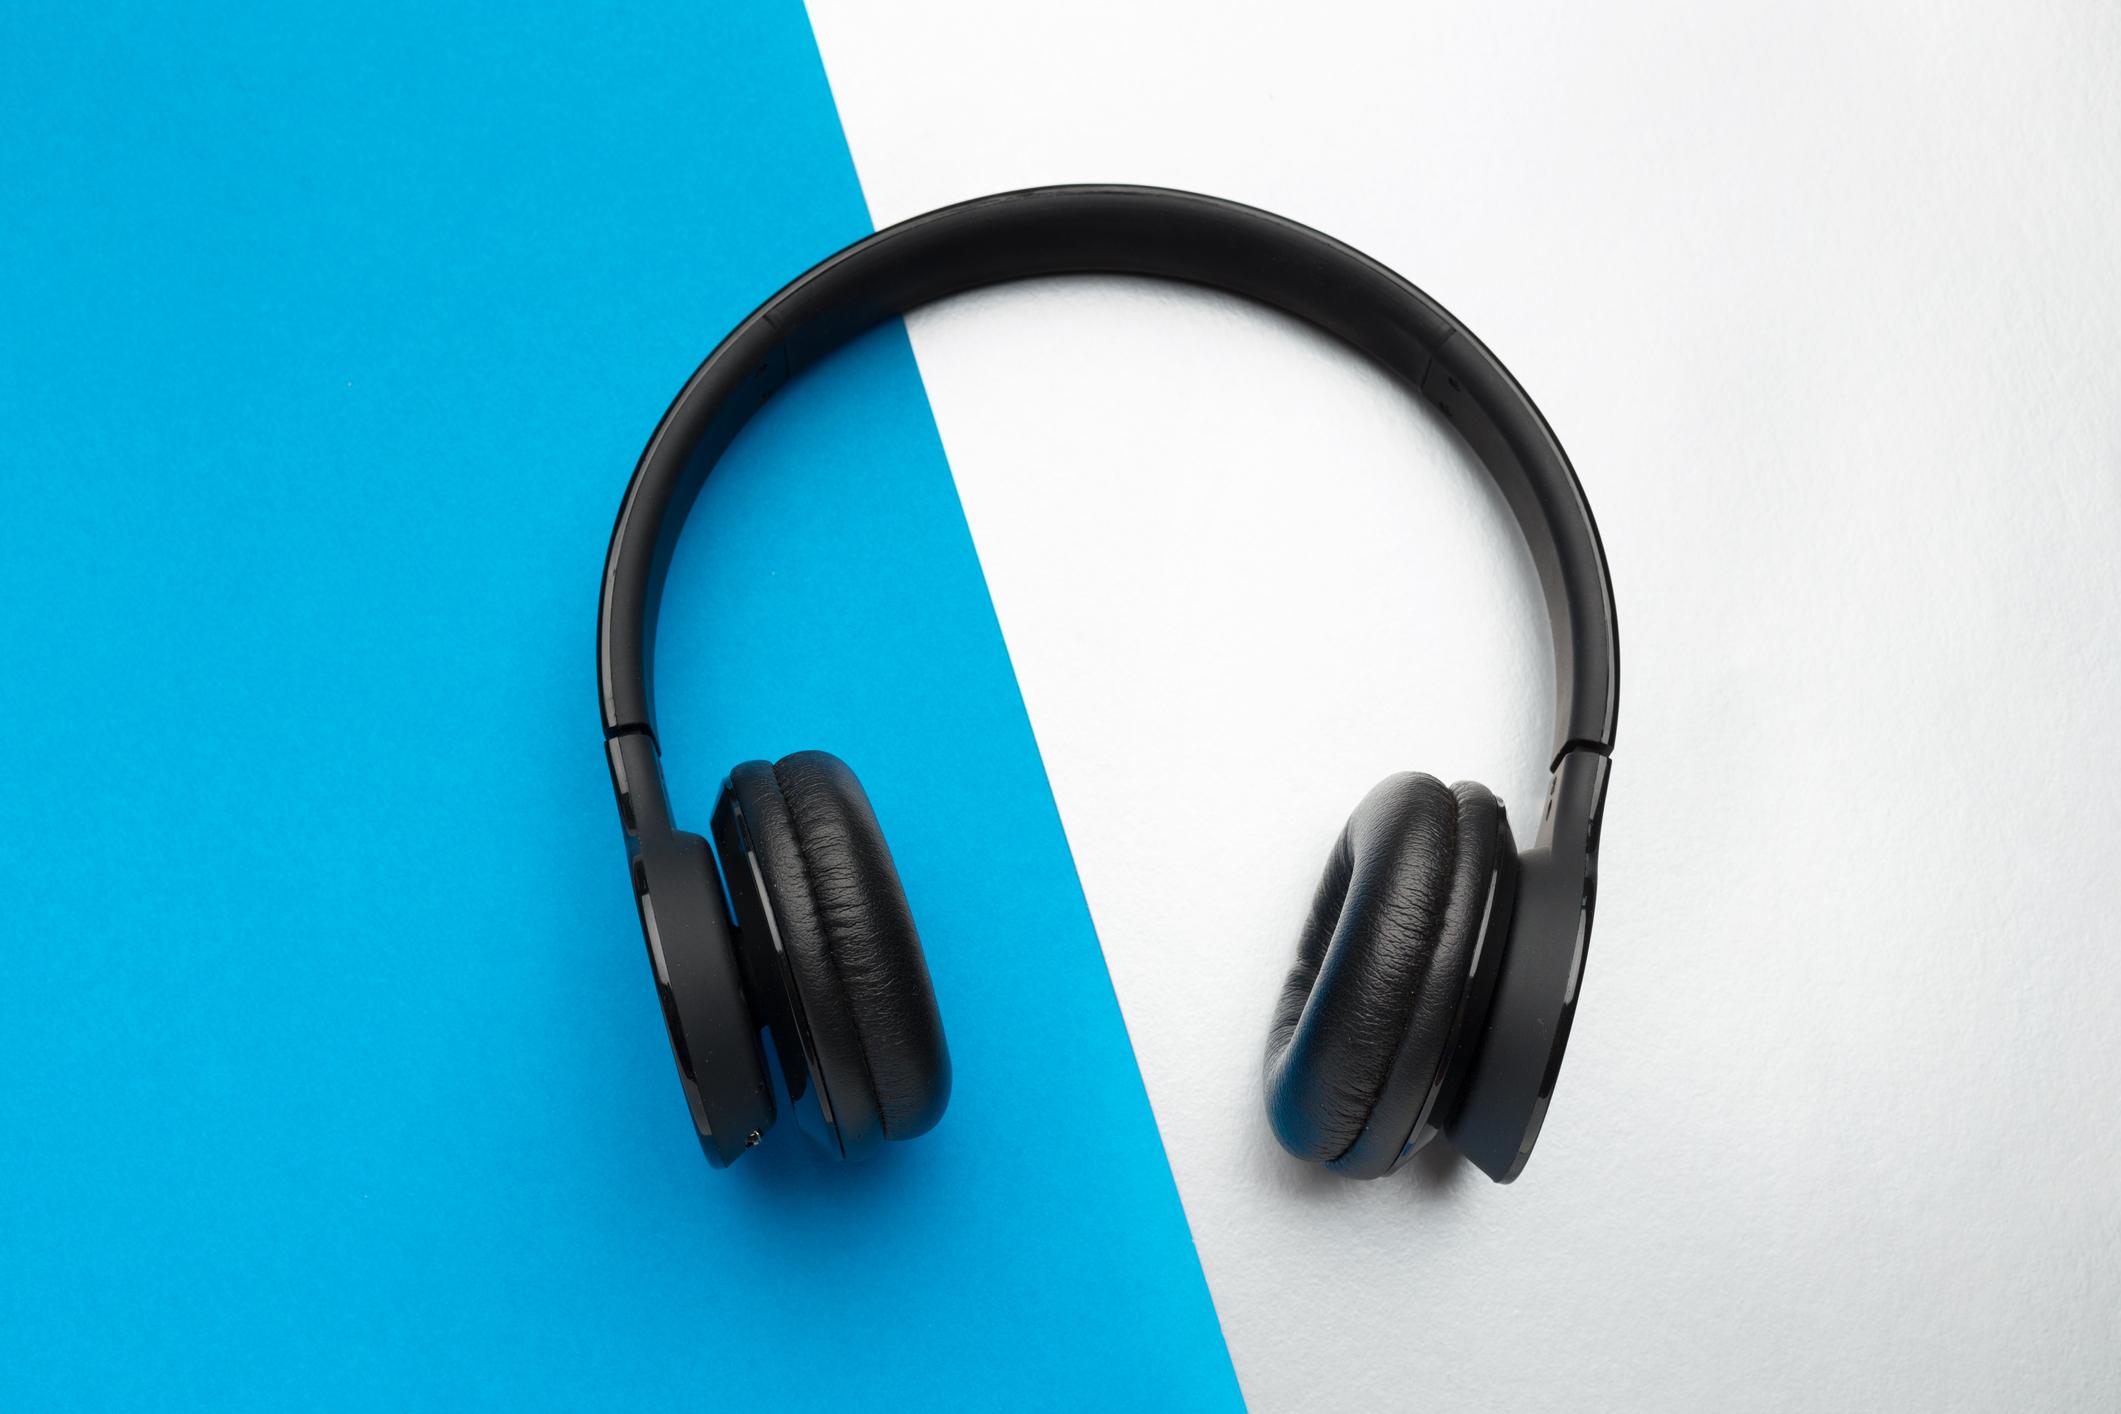 ebd2fdae75adbb The 8 Best Noise-Cancelling Headphones under $100 (2019) | Jetsetter